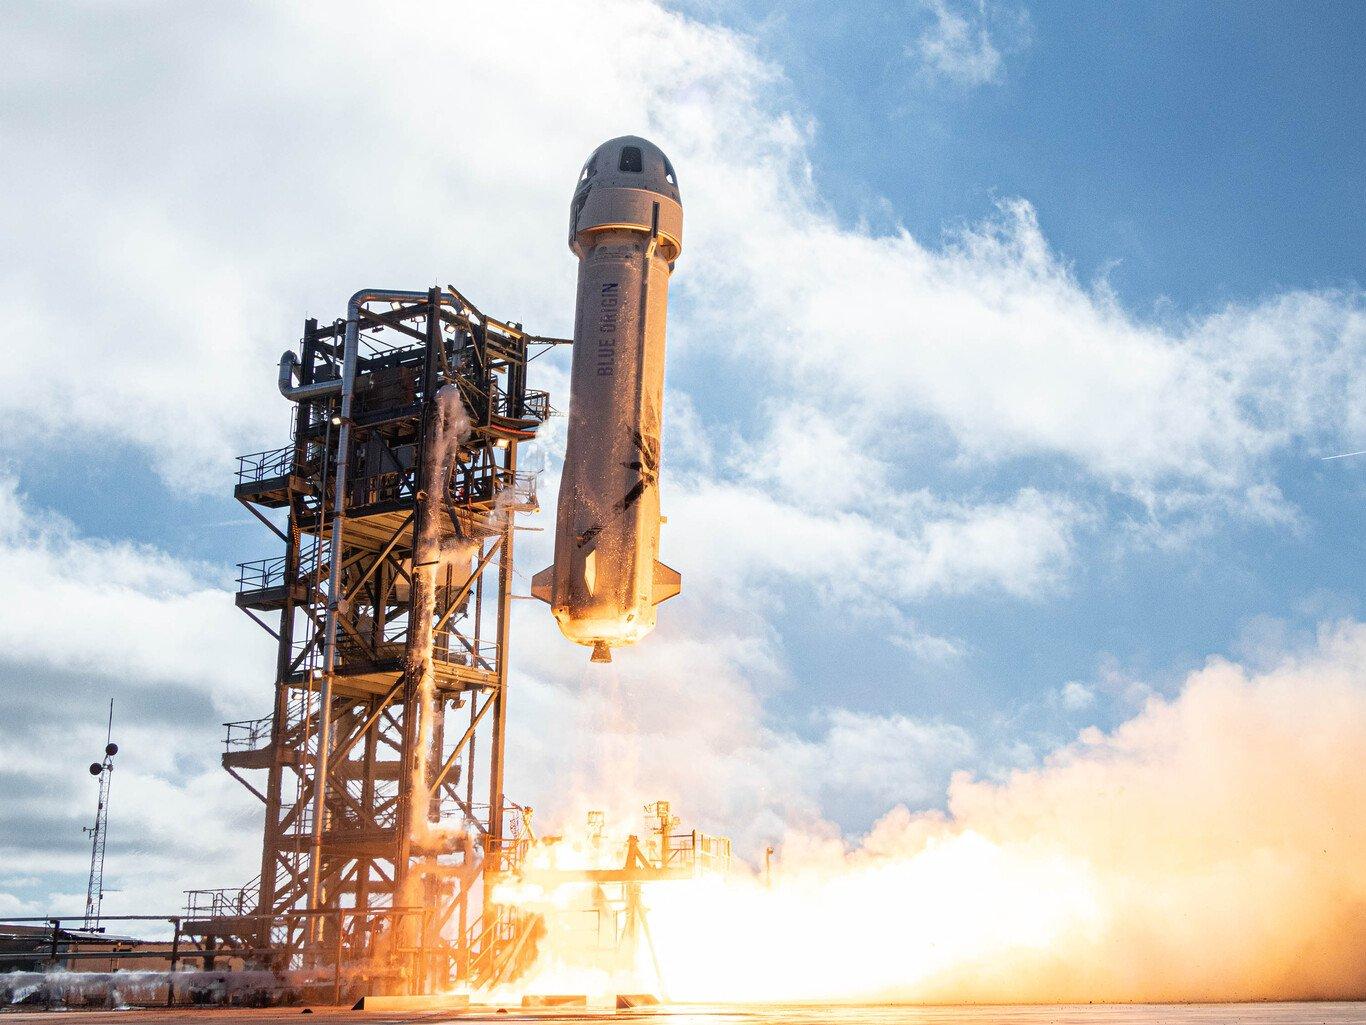 El viaje al espacio de Jeff Bezos inaugura una nueva era del turismo espacial - cover